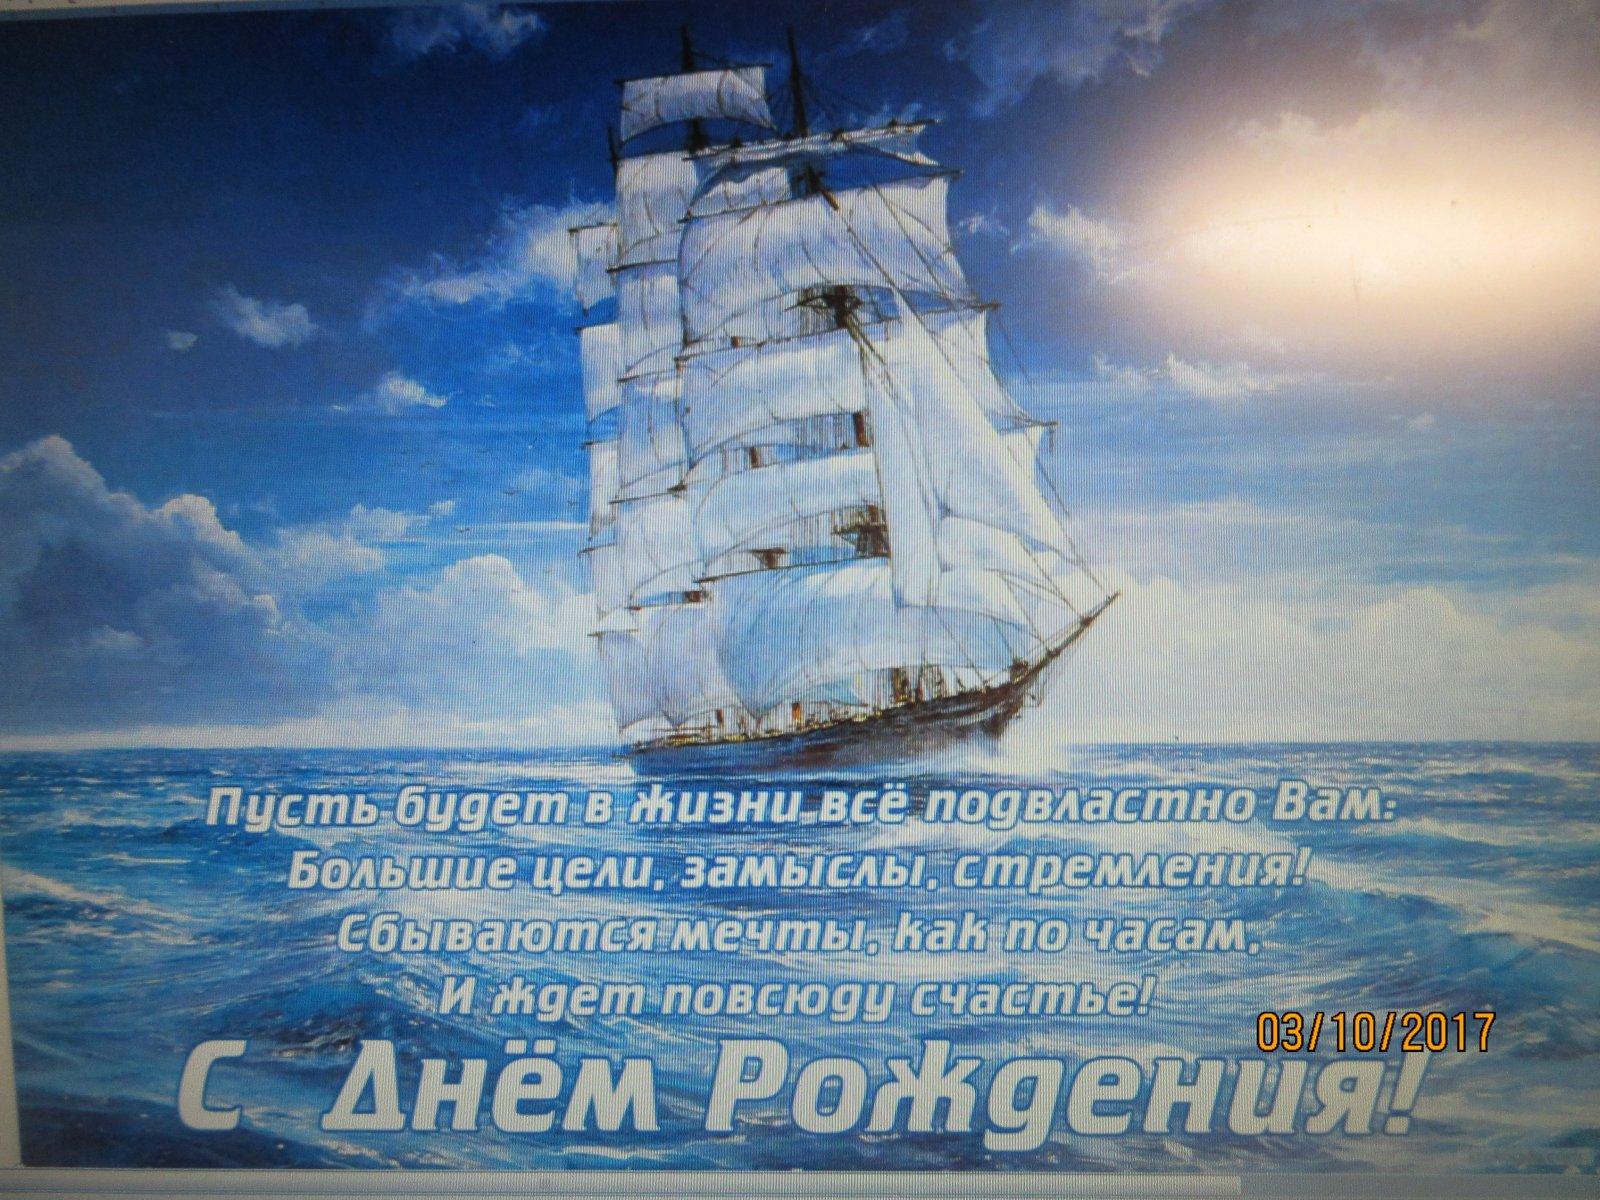 средней поздравление капитану корабля на юбилей работа дарит